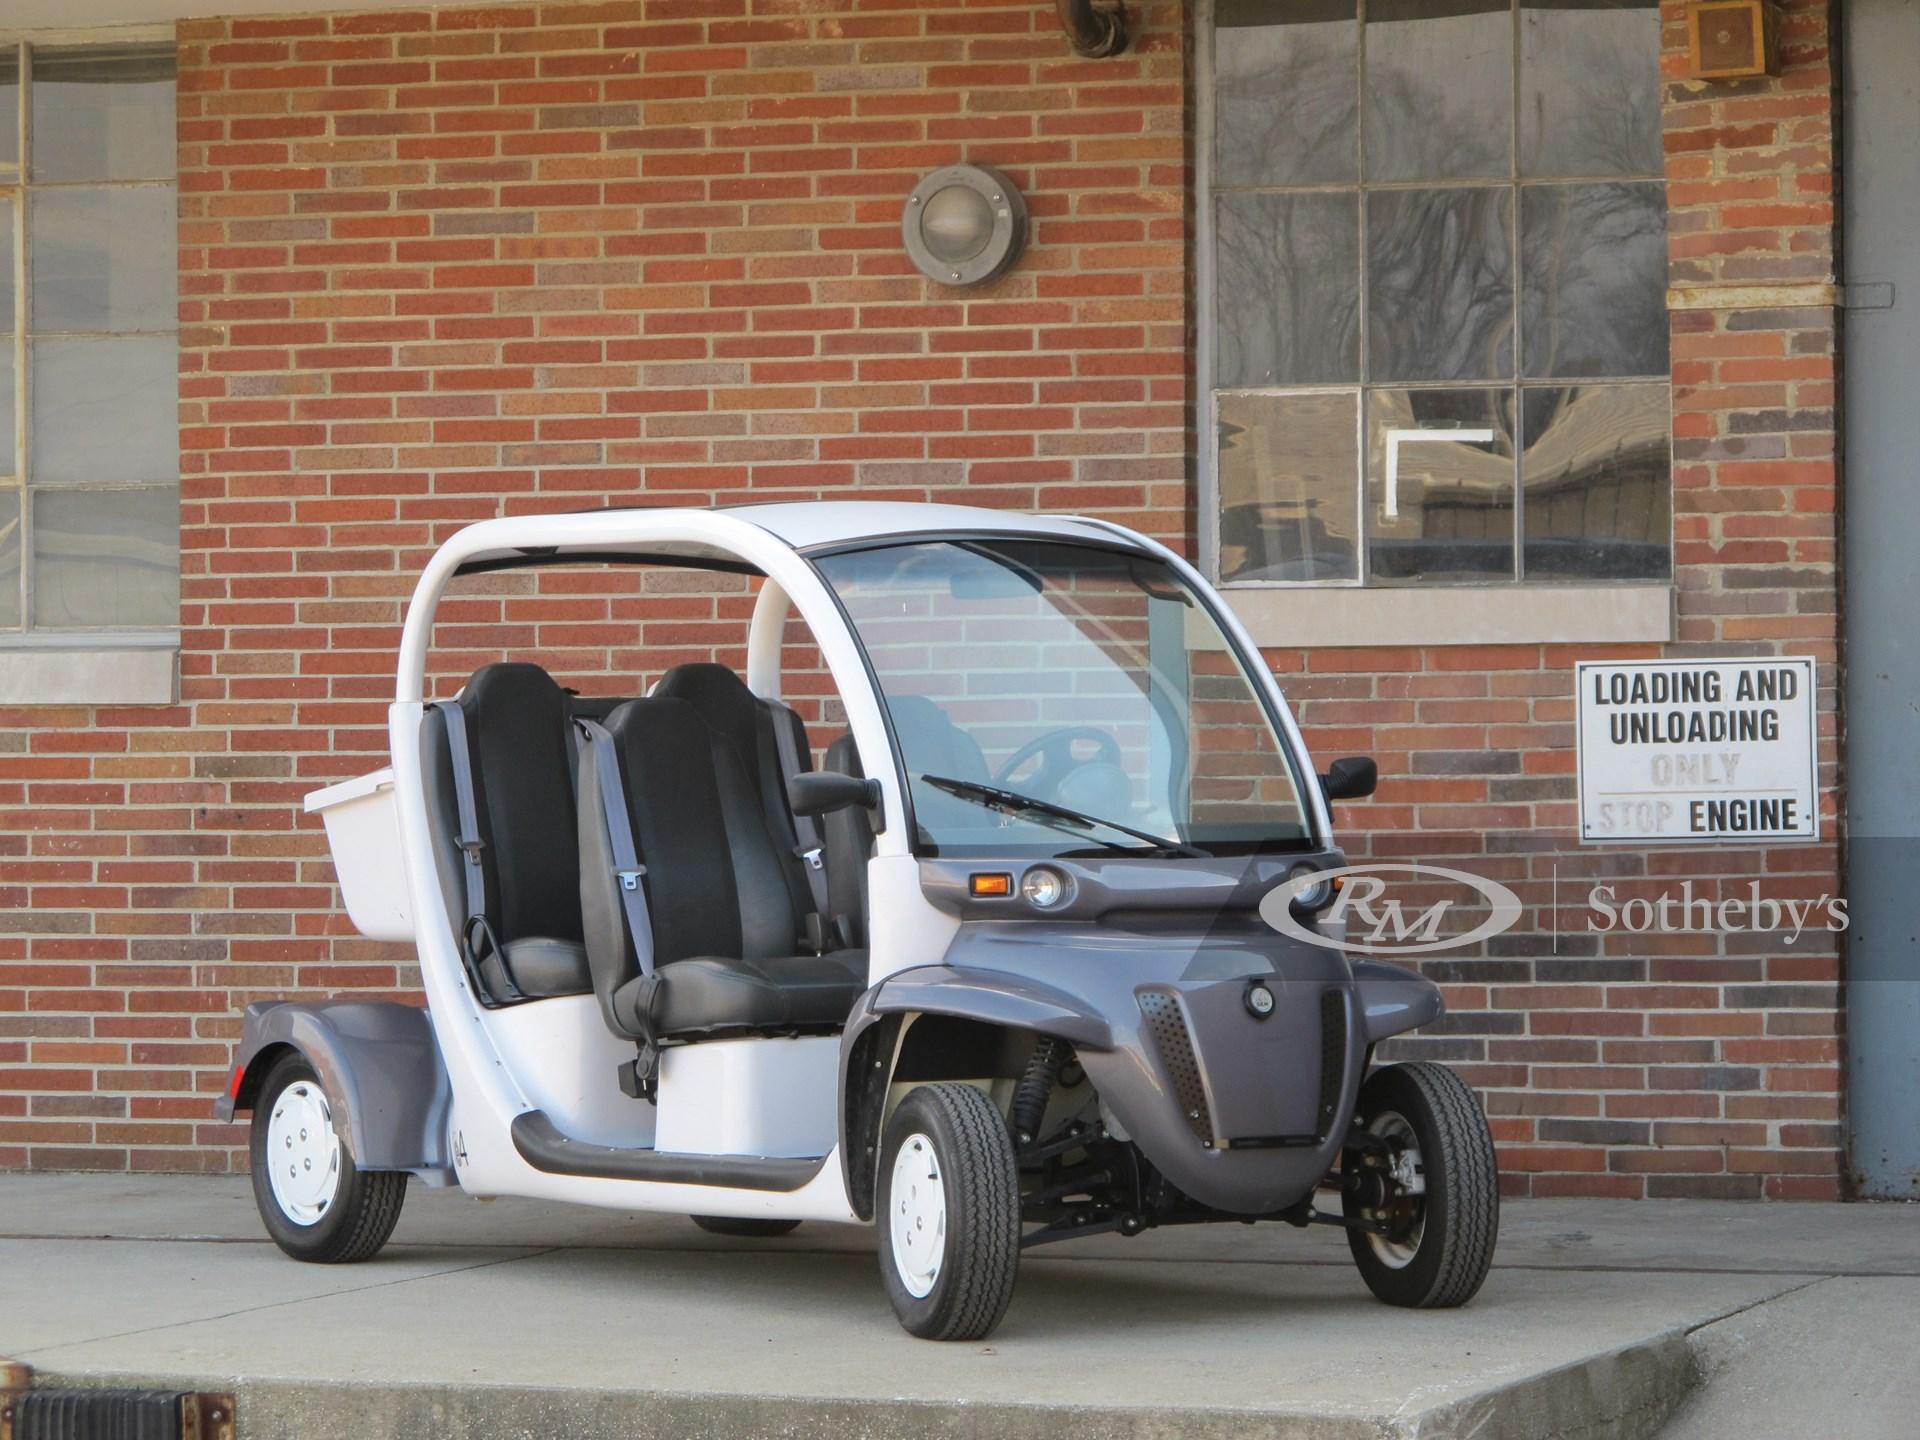 2005 GEM E4 LSV Electric Car